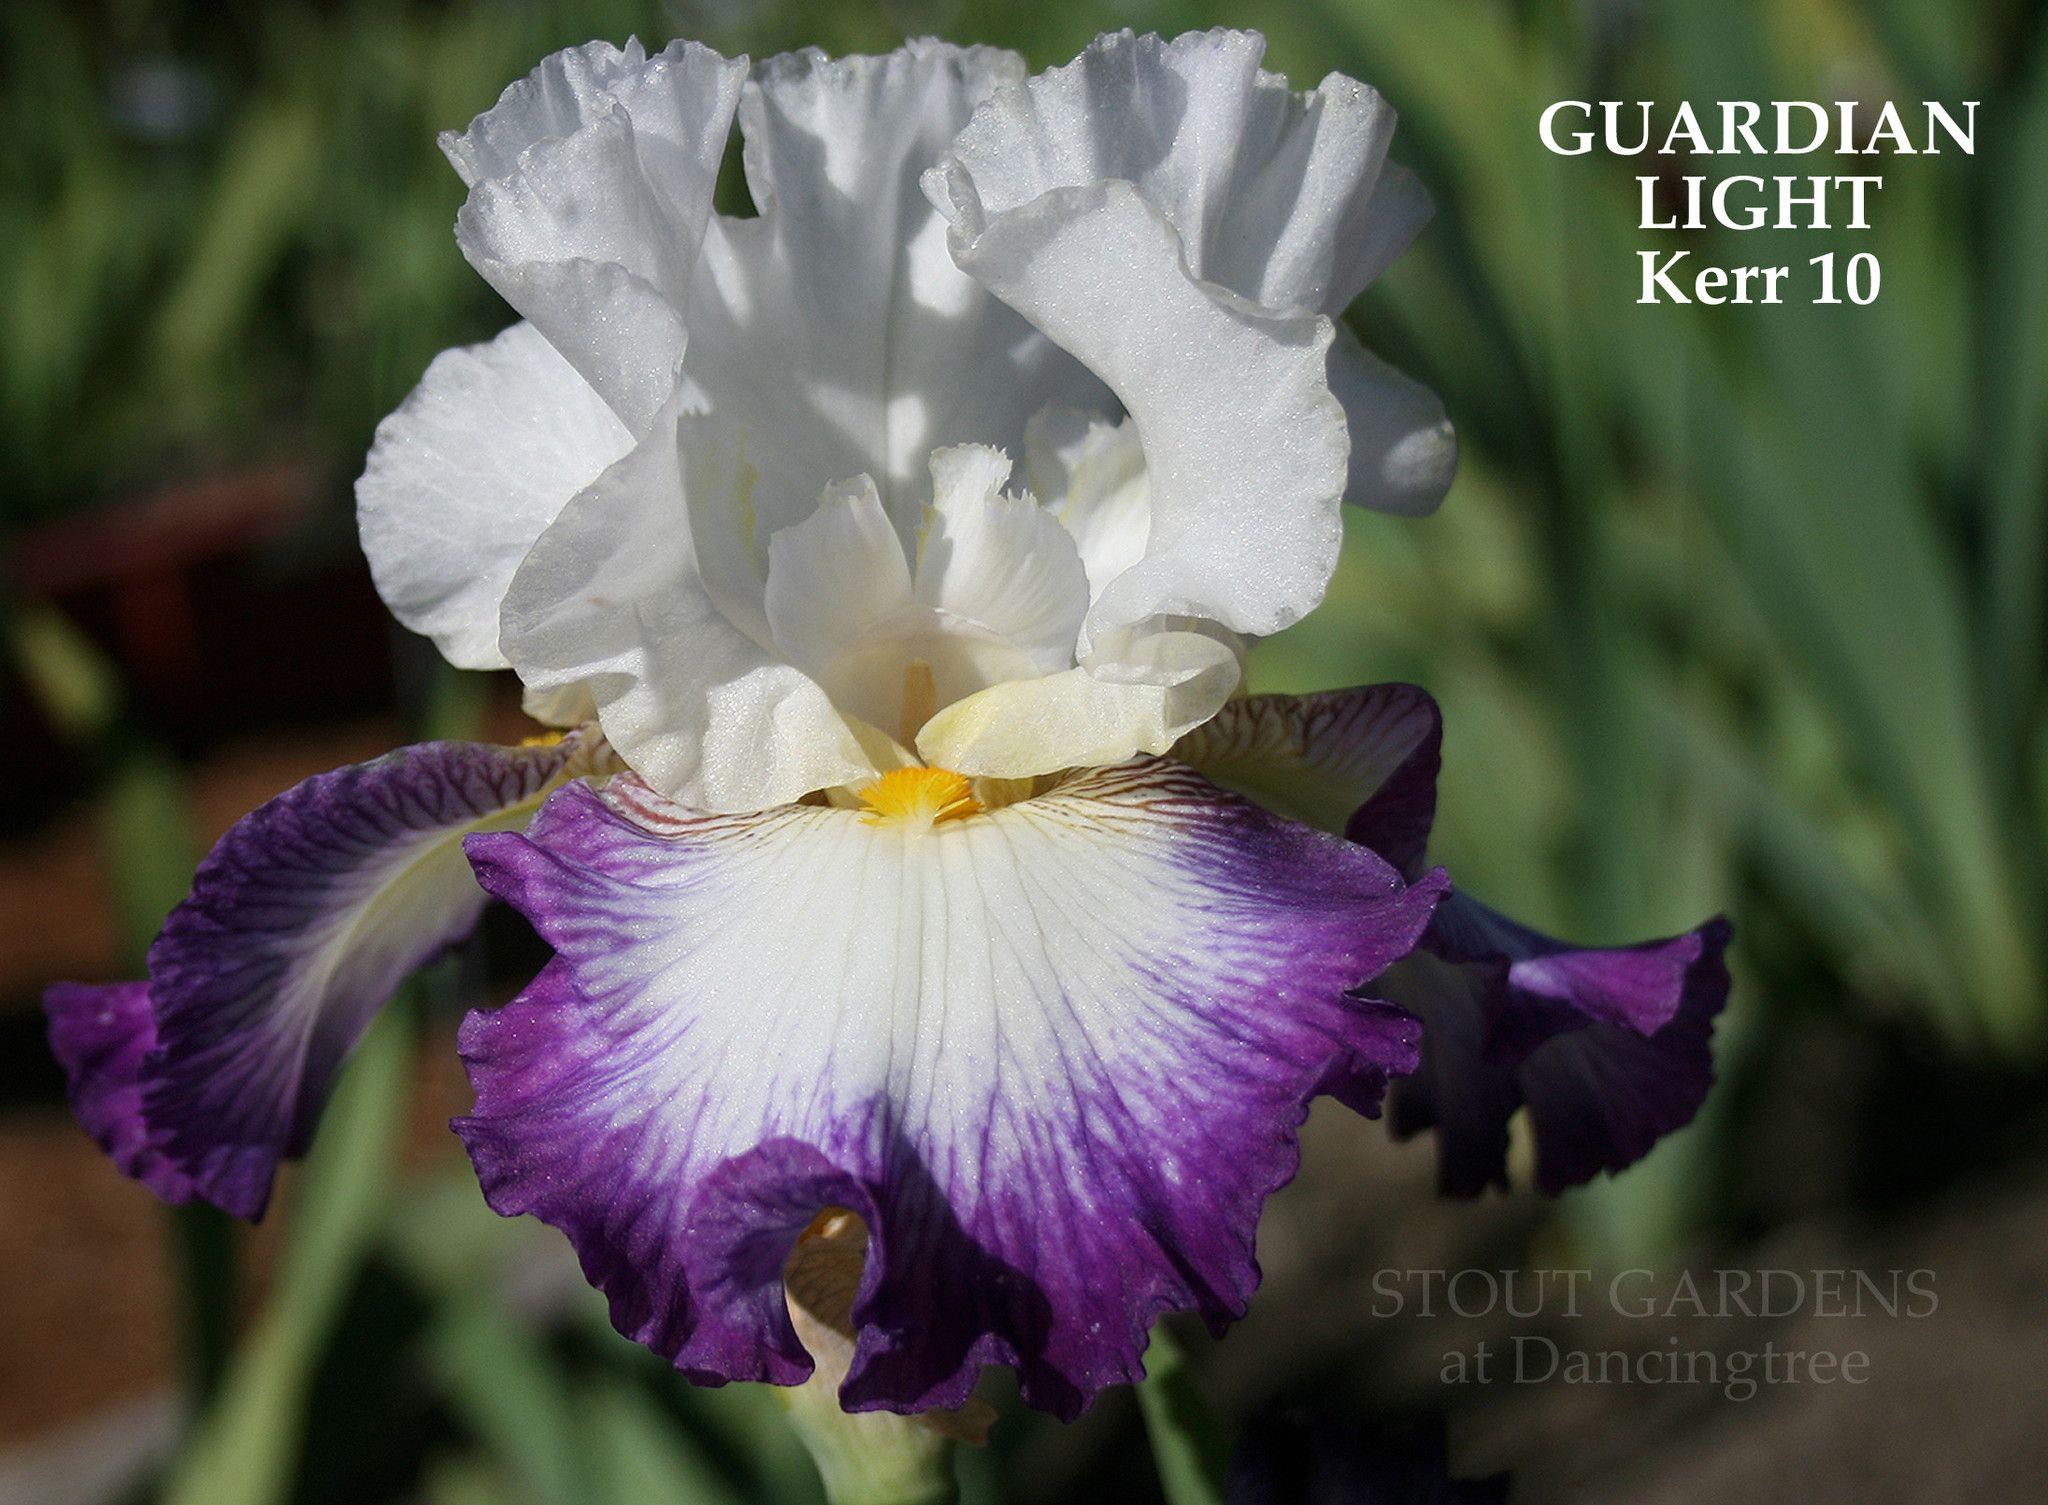 Iris guardian light iris flowers and iris flowers iris guardian light white irisiris flowersbearded izmirmasajfo